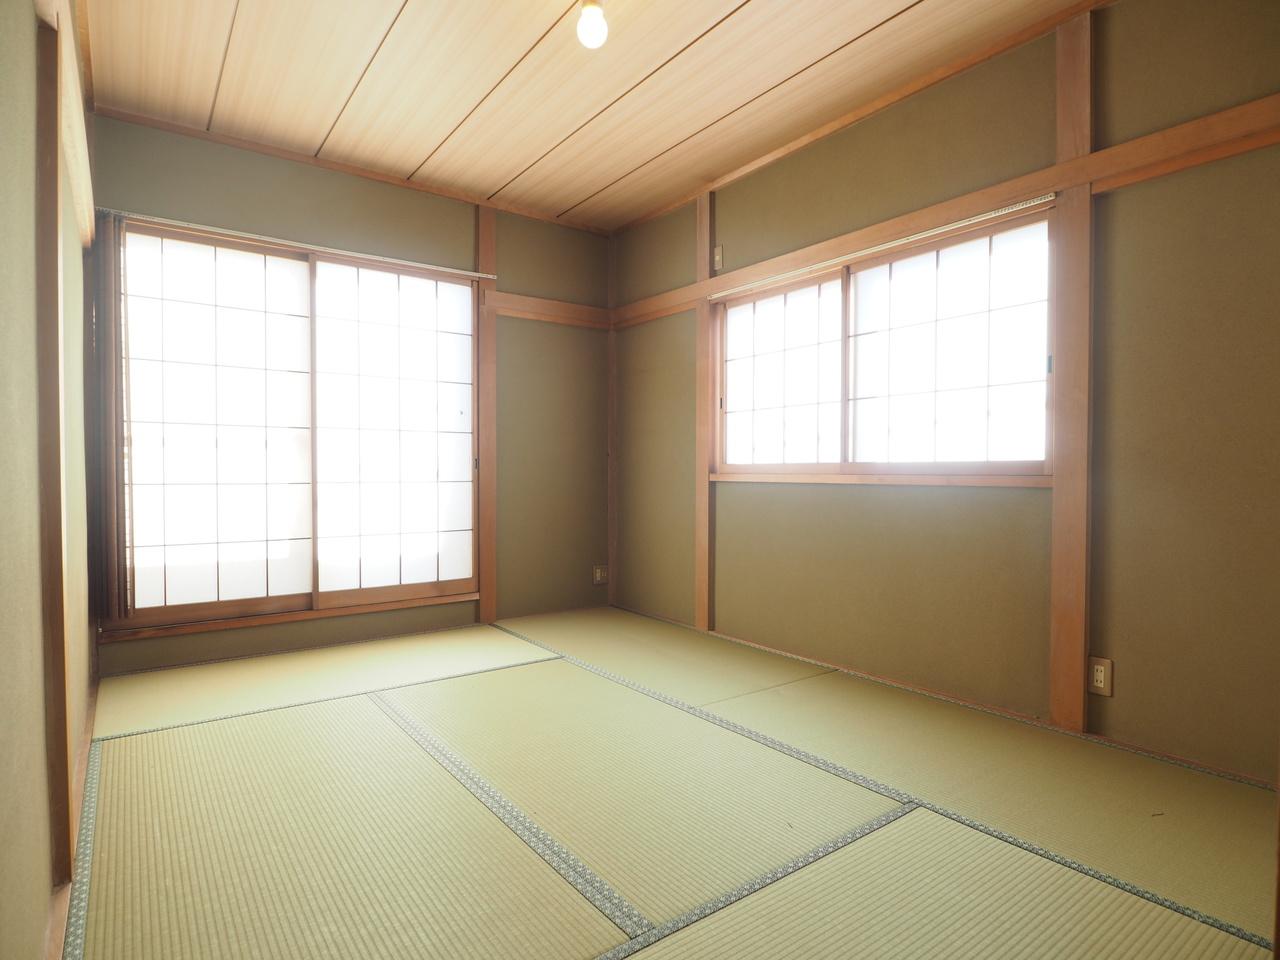 全室南向き設計の明るい室内